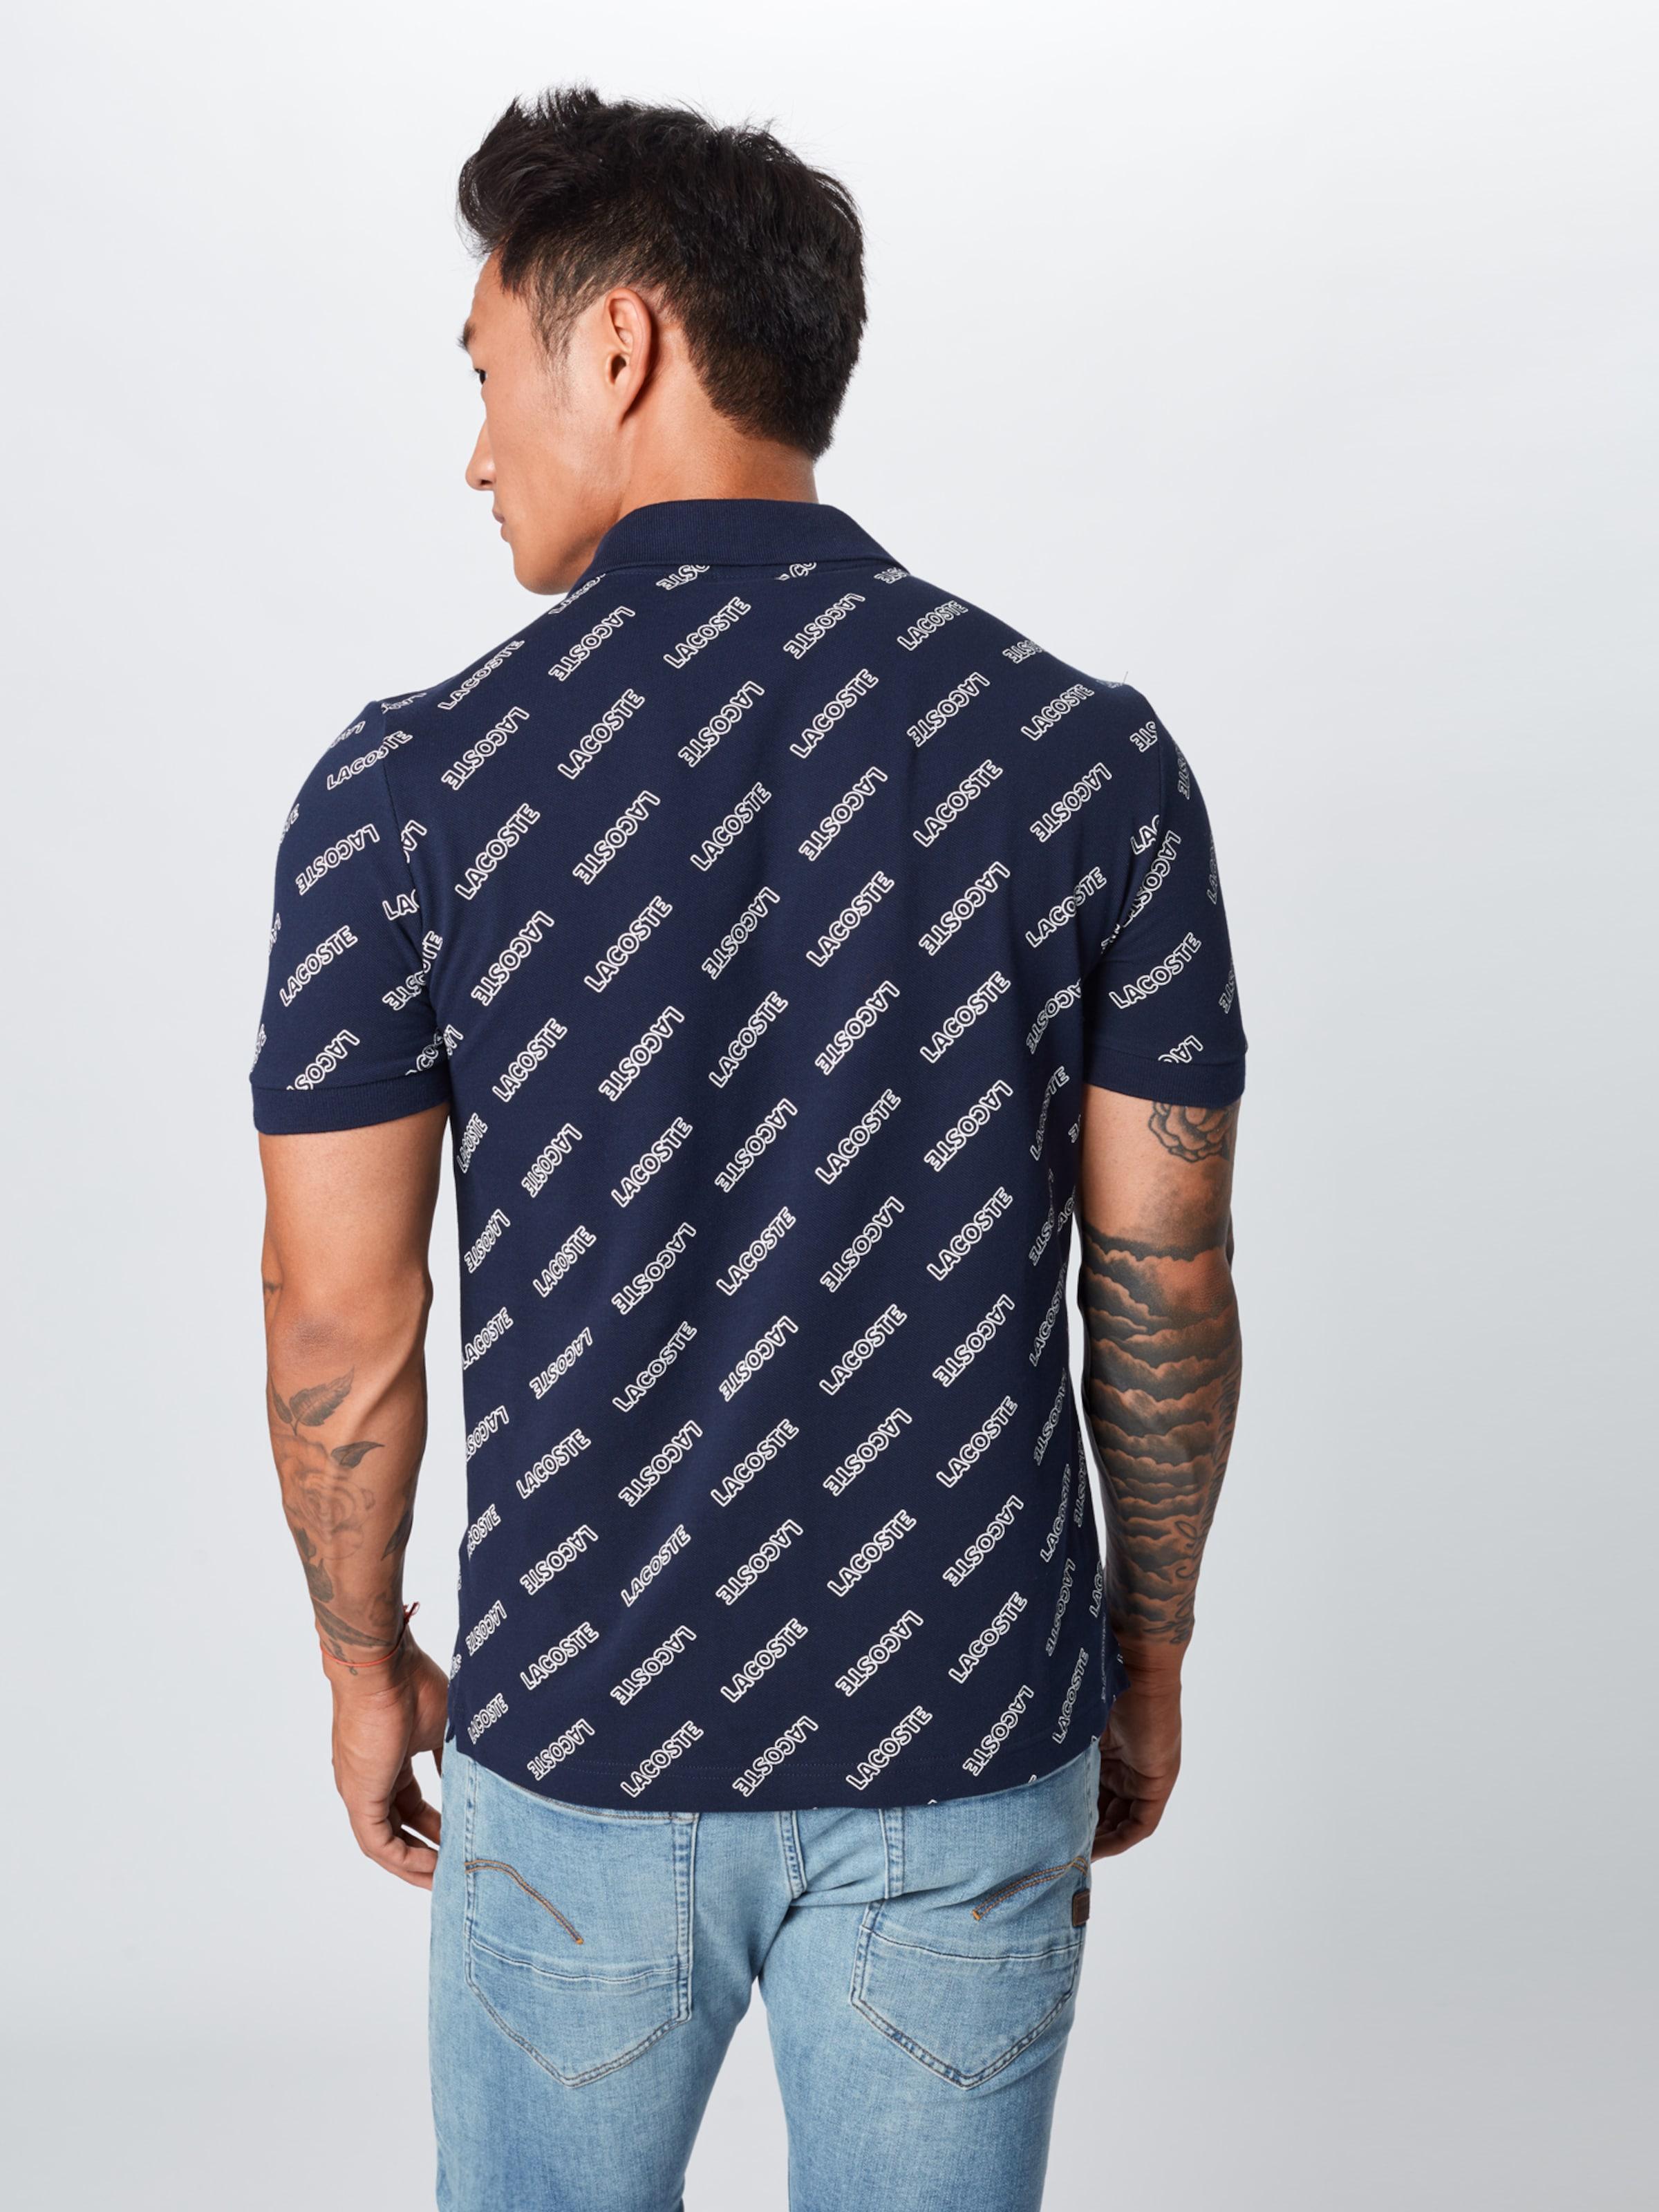 Live cotes T shirt 'chemise Bord Col Lacoste En MarineBlanc Ma' Ybf67Iygv